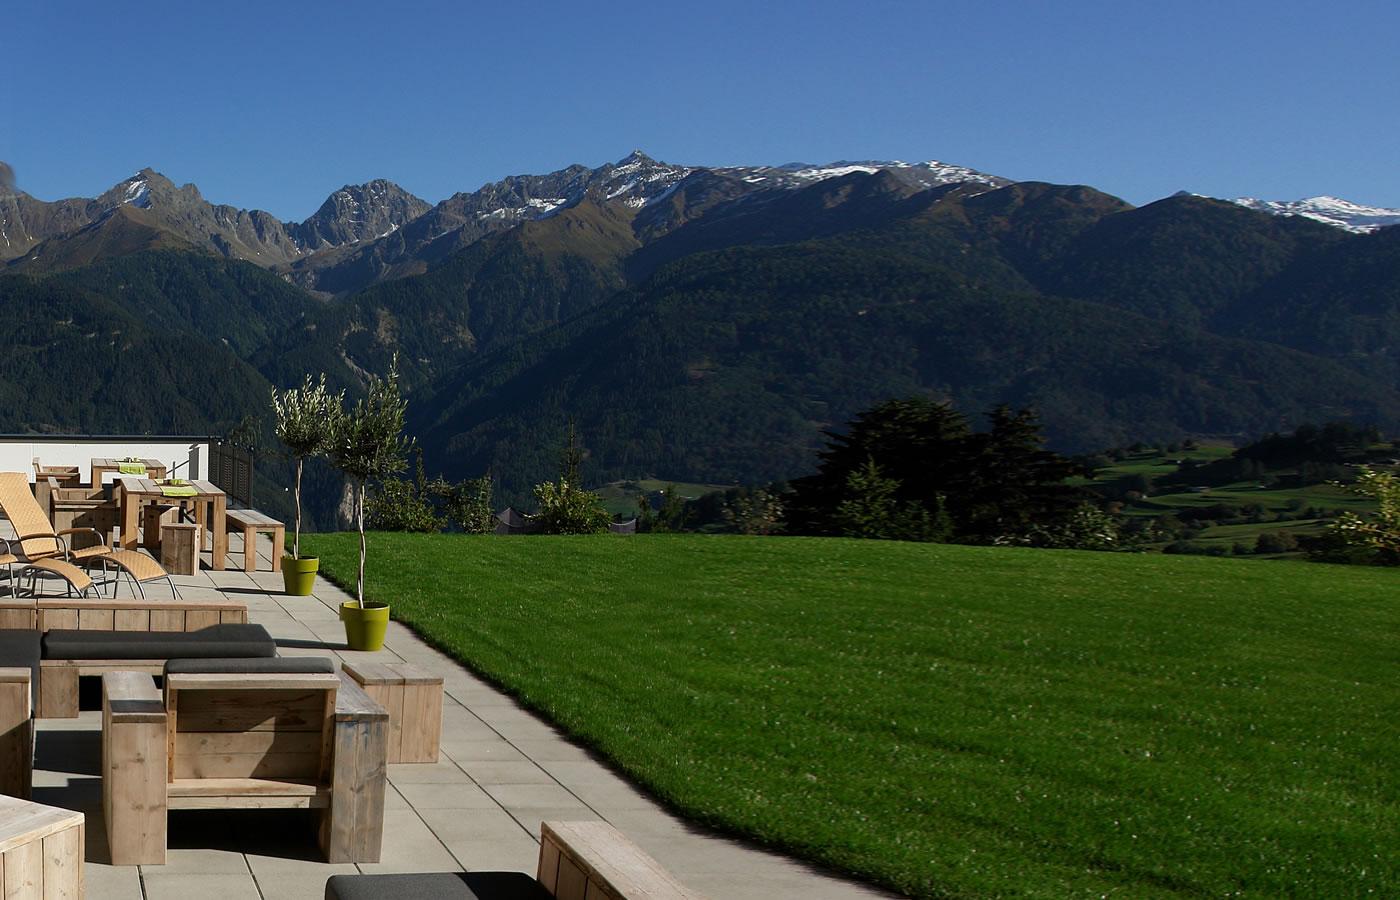 Sommer-Terrasse im Natürlich. Hotel der Aussichten in Serfaus-Fiss-Ladis.